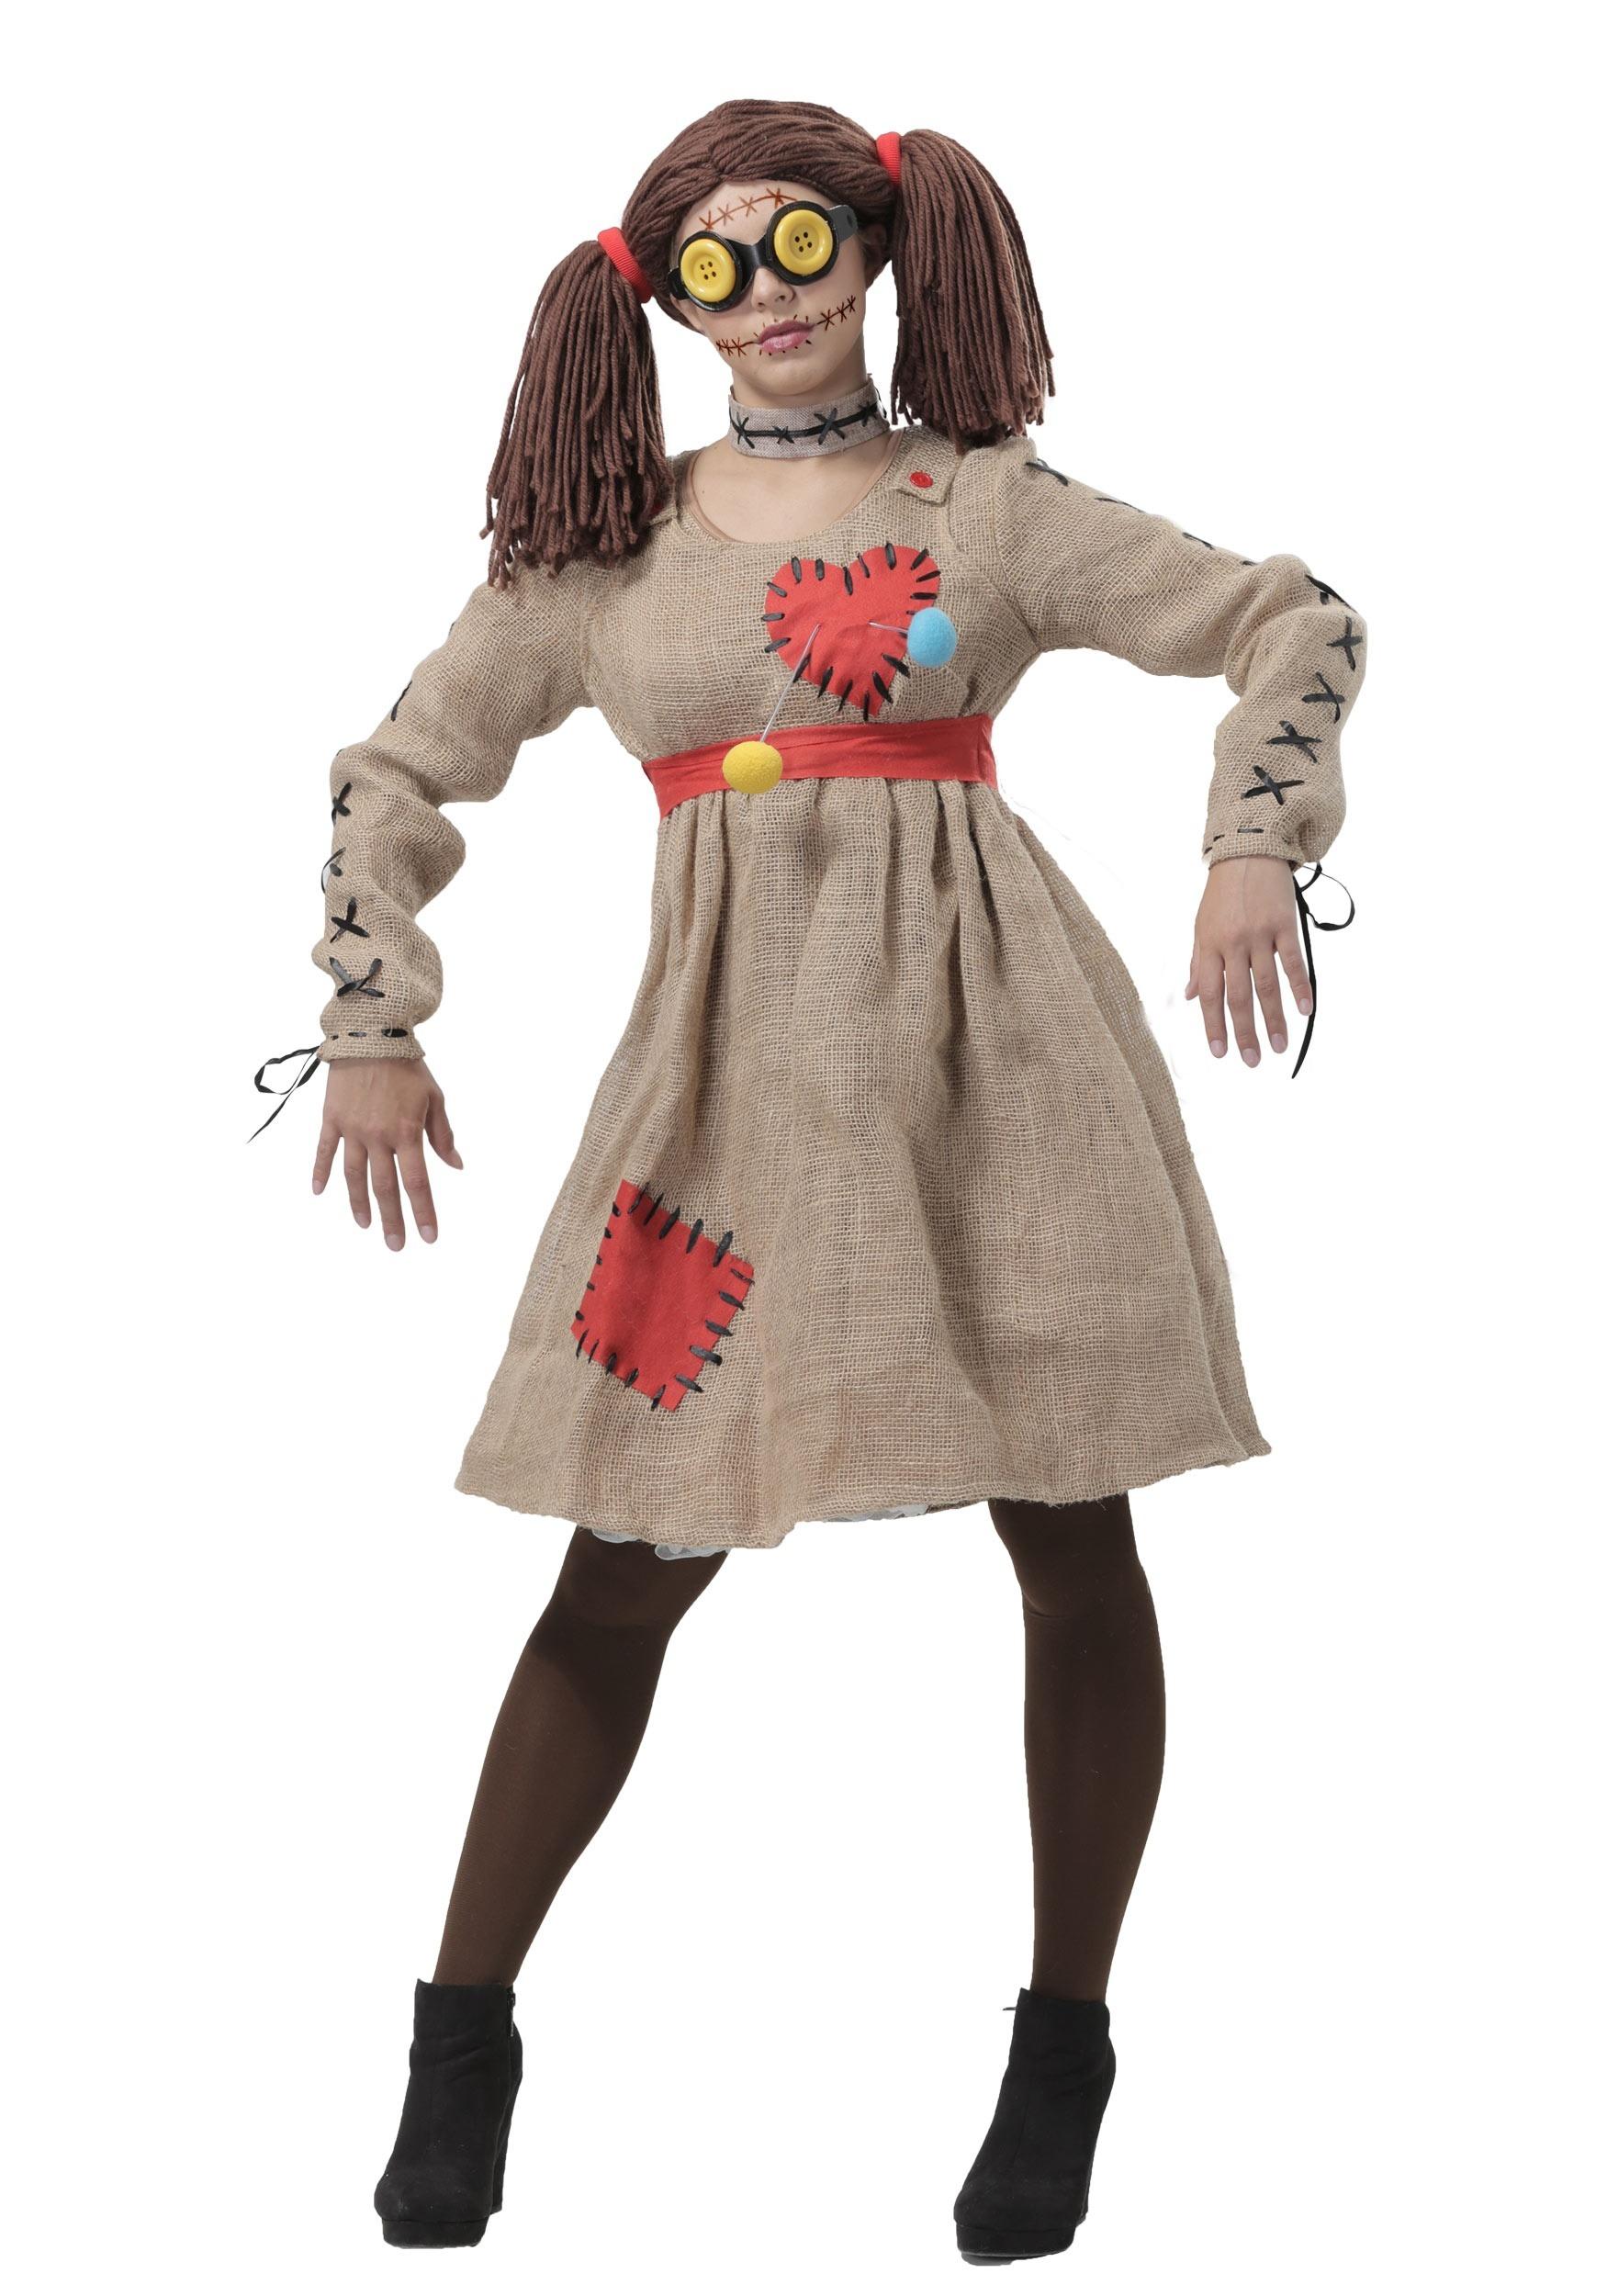 Как сшить своими руками костюм куклы на Хэллоуин?